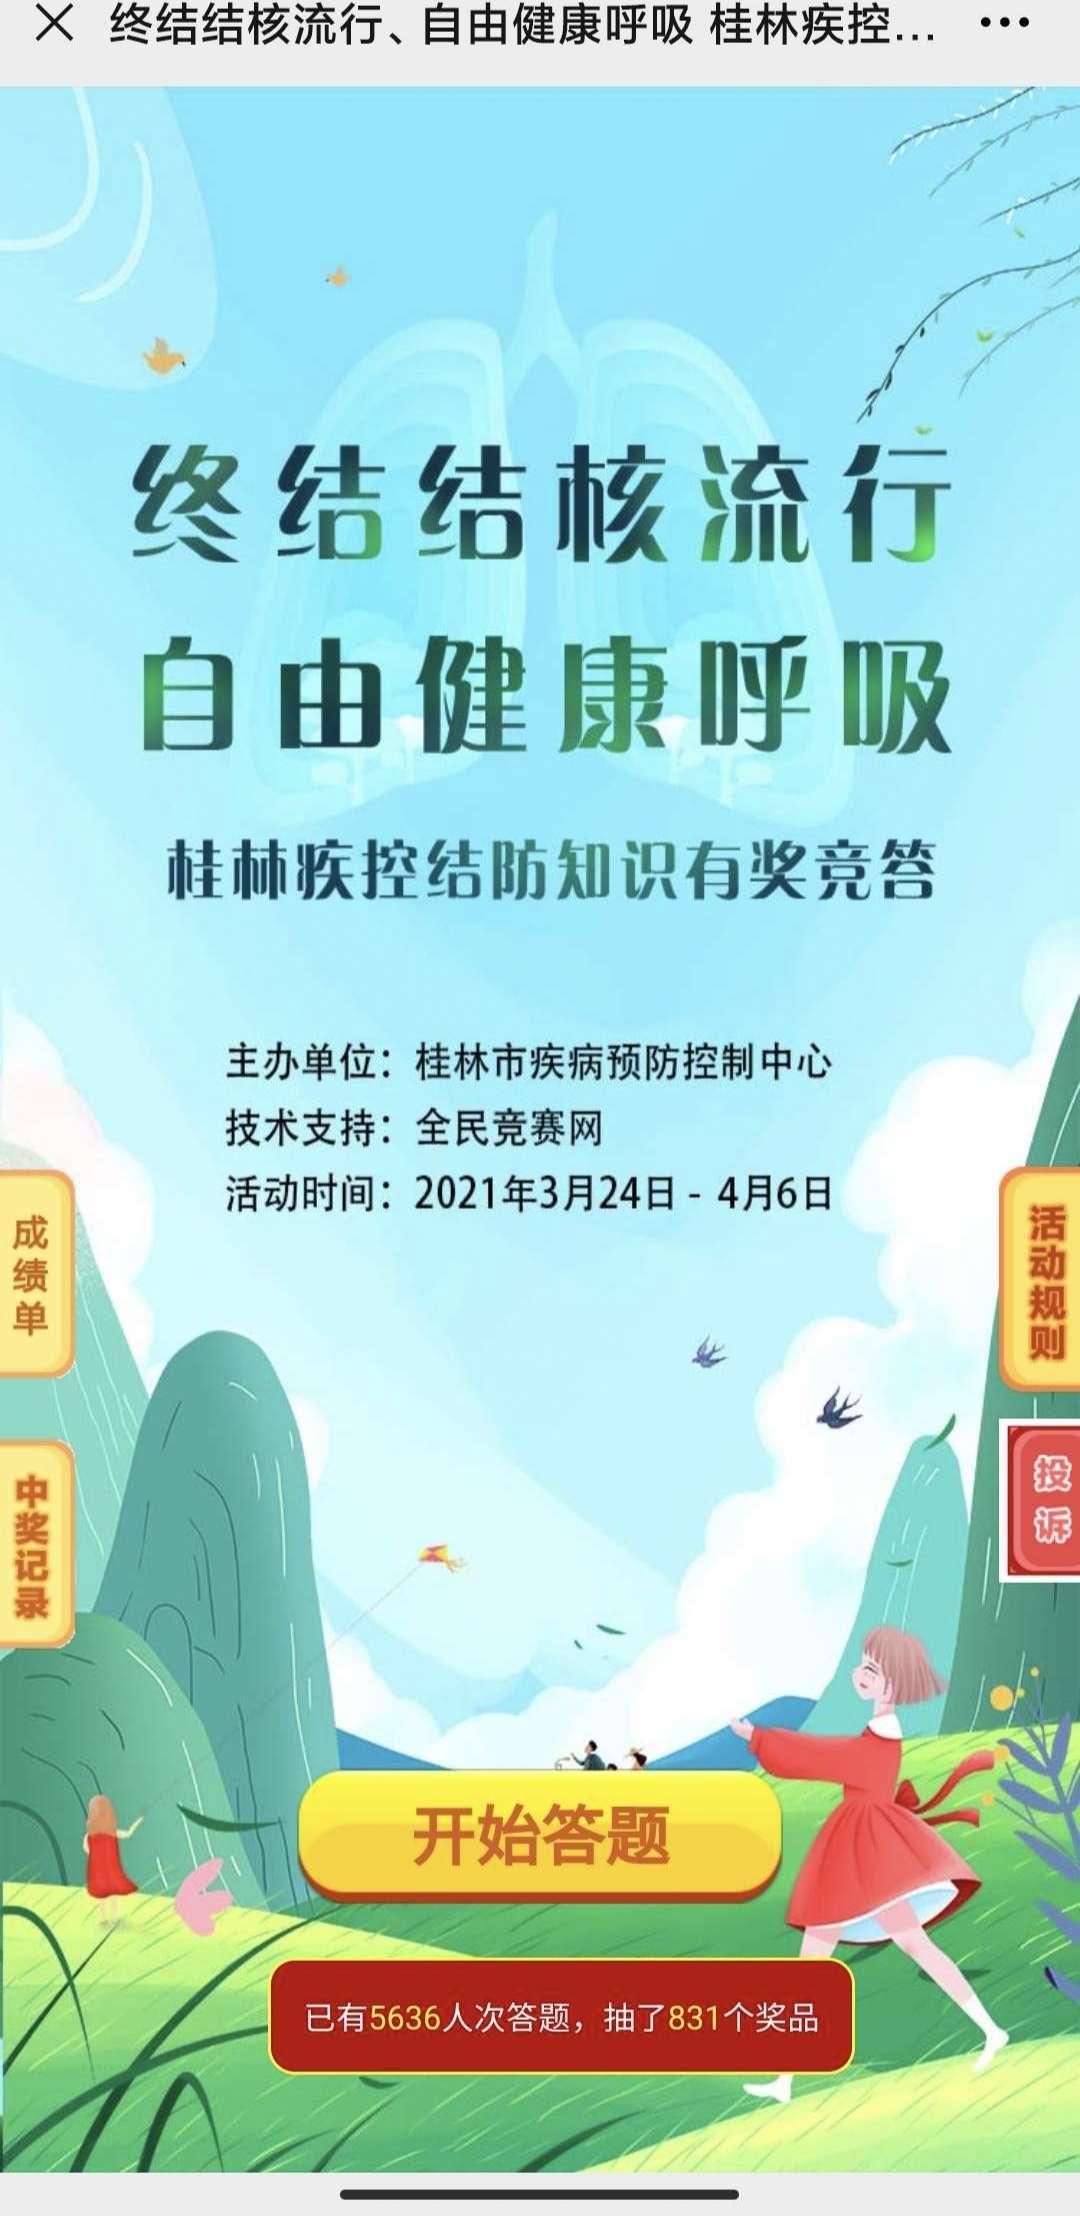 桂林疾控答题抽红包